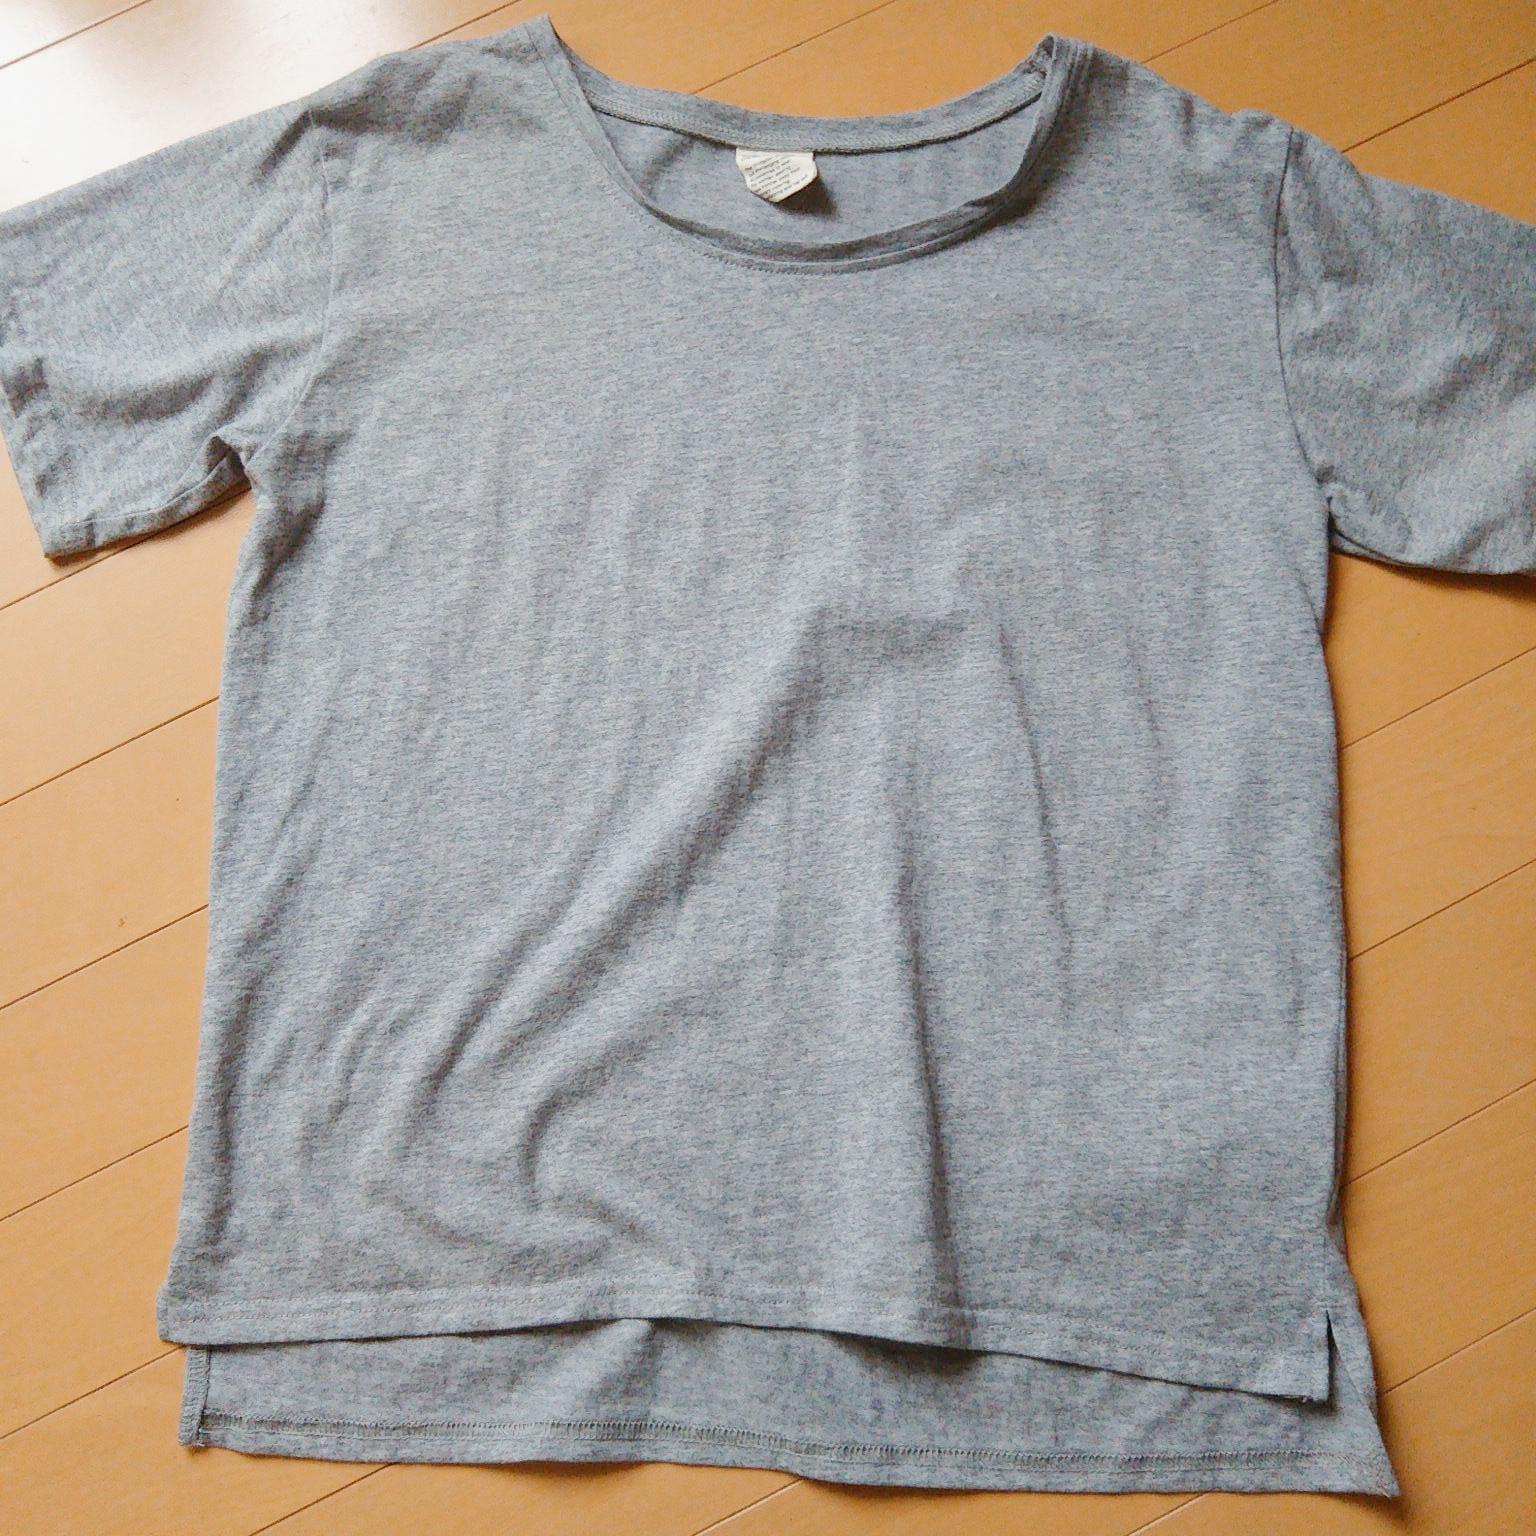 汗ジミが気にならないグレーのTシャツ